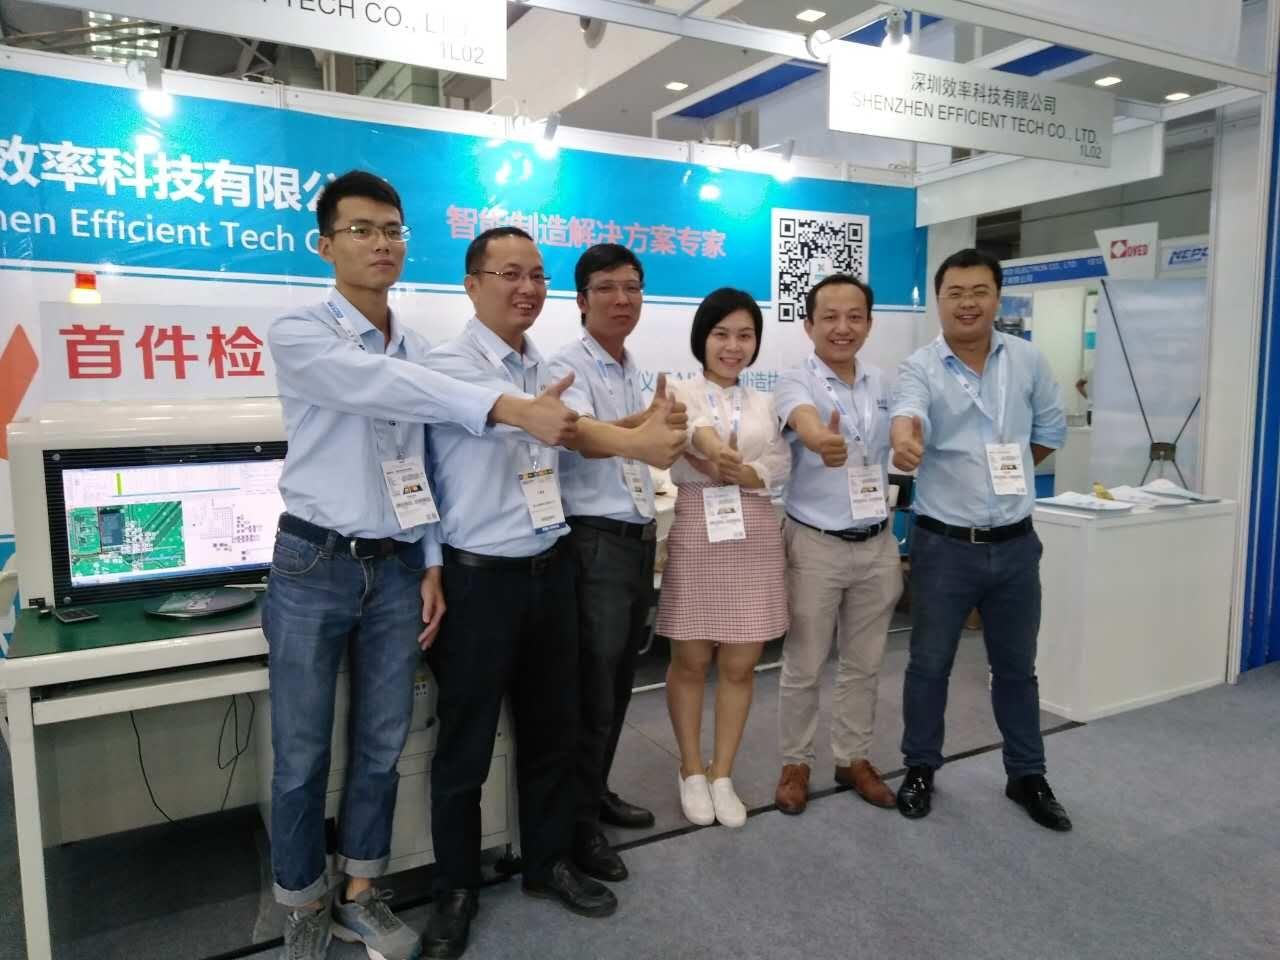 效率科技亮相Nepcon China 2017并得到极大客户的认可围观